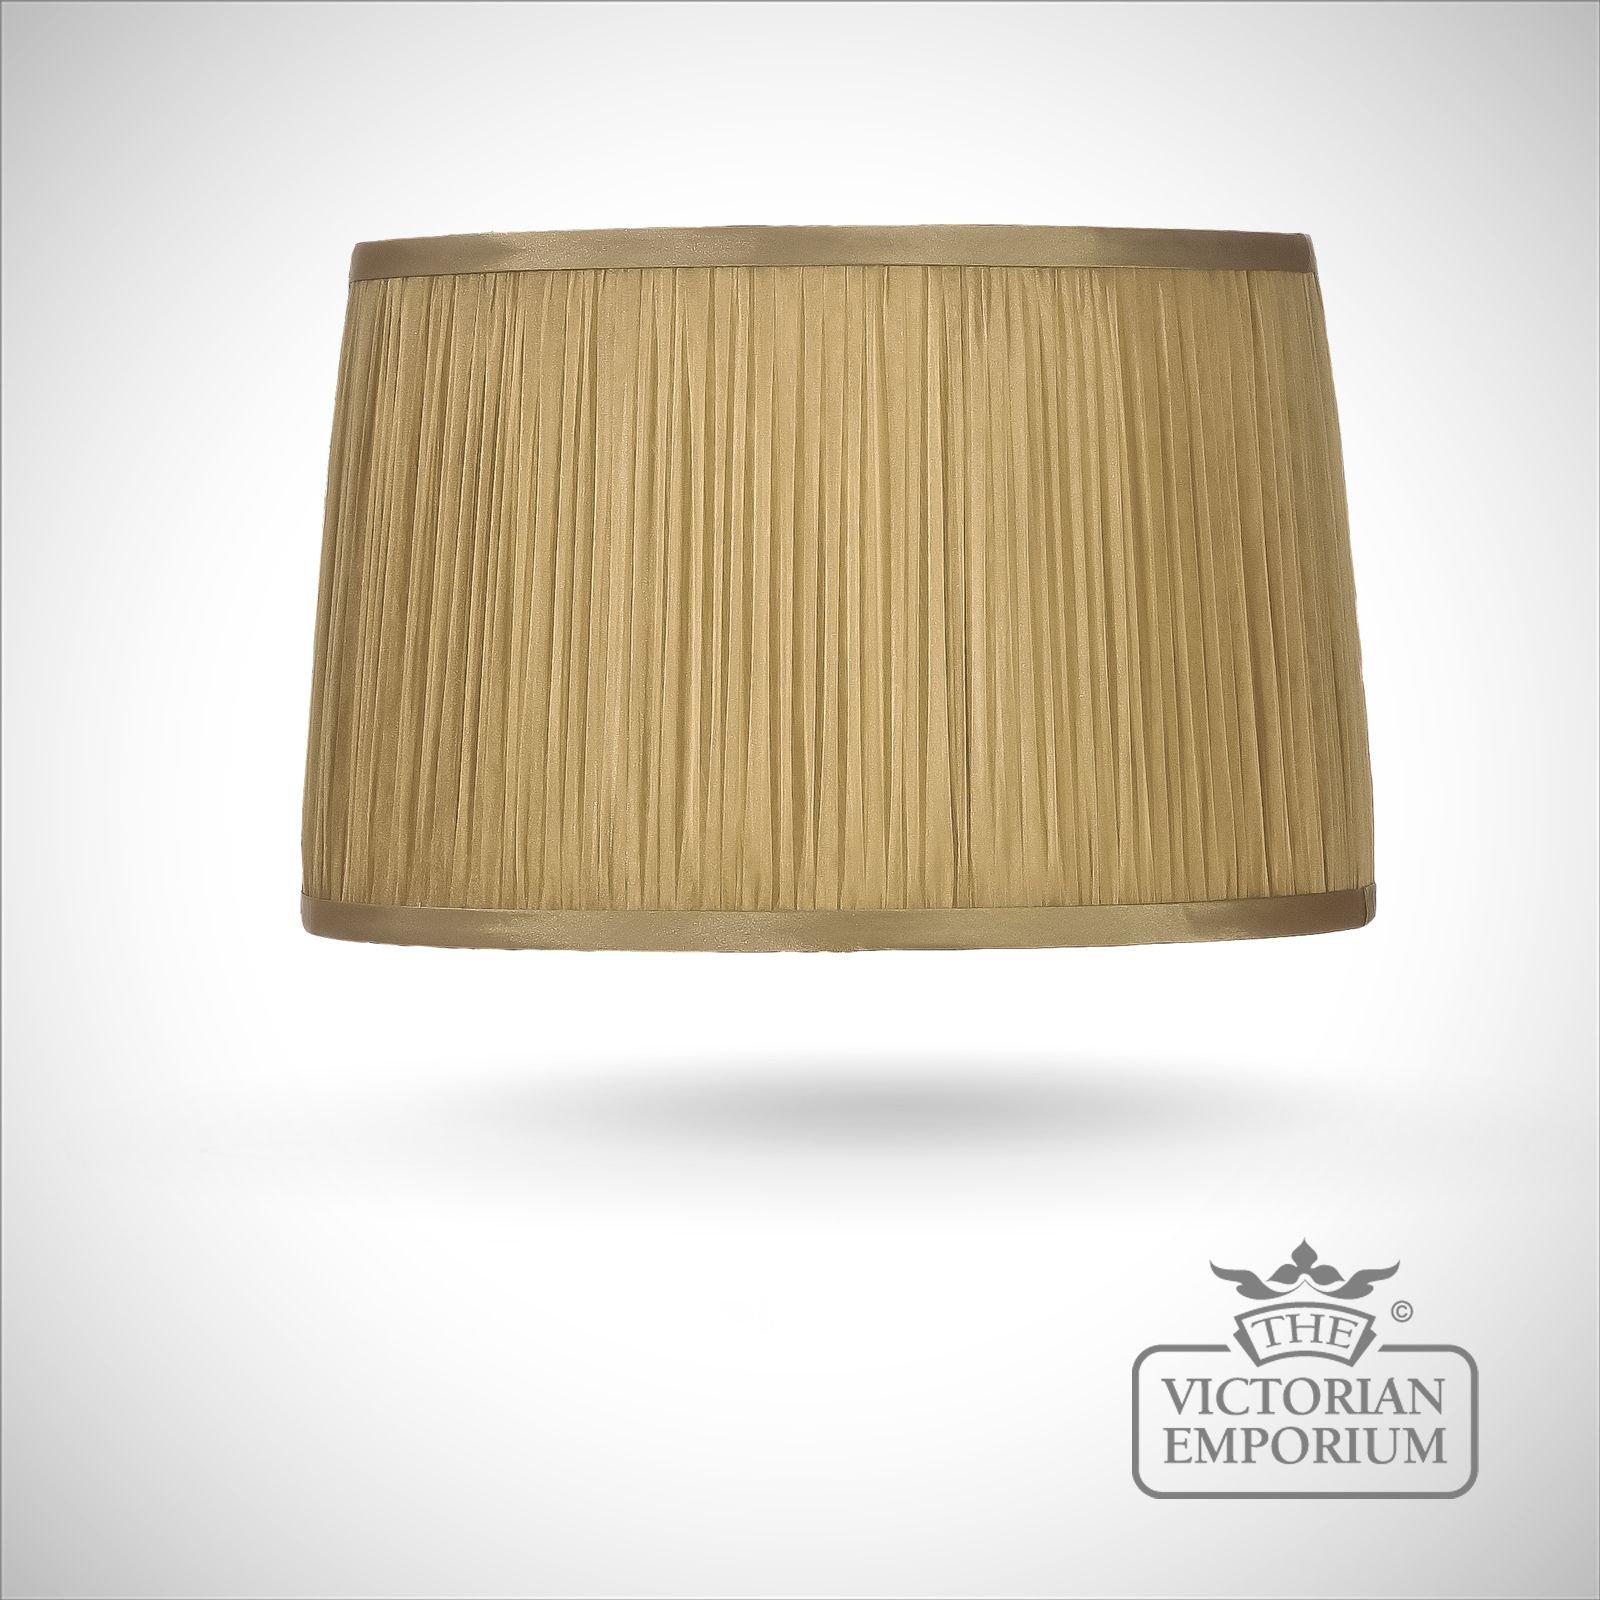 Gold Wall Lamp Shades : Chiffon Lamp Shade in Gold - 36cm Lamp shades